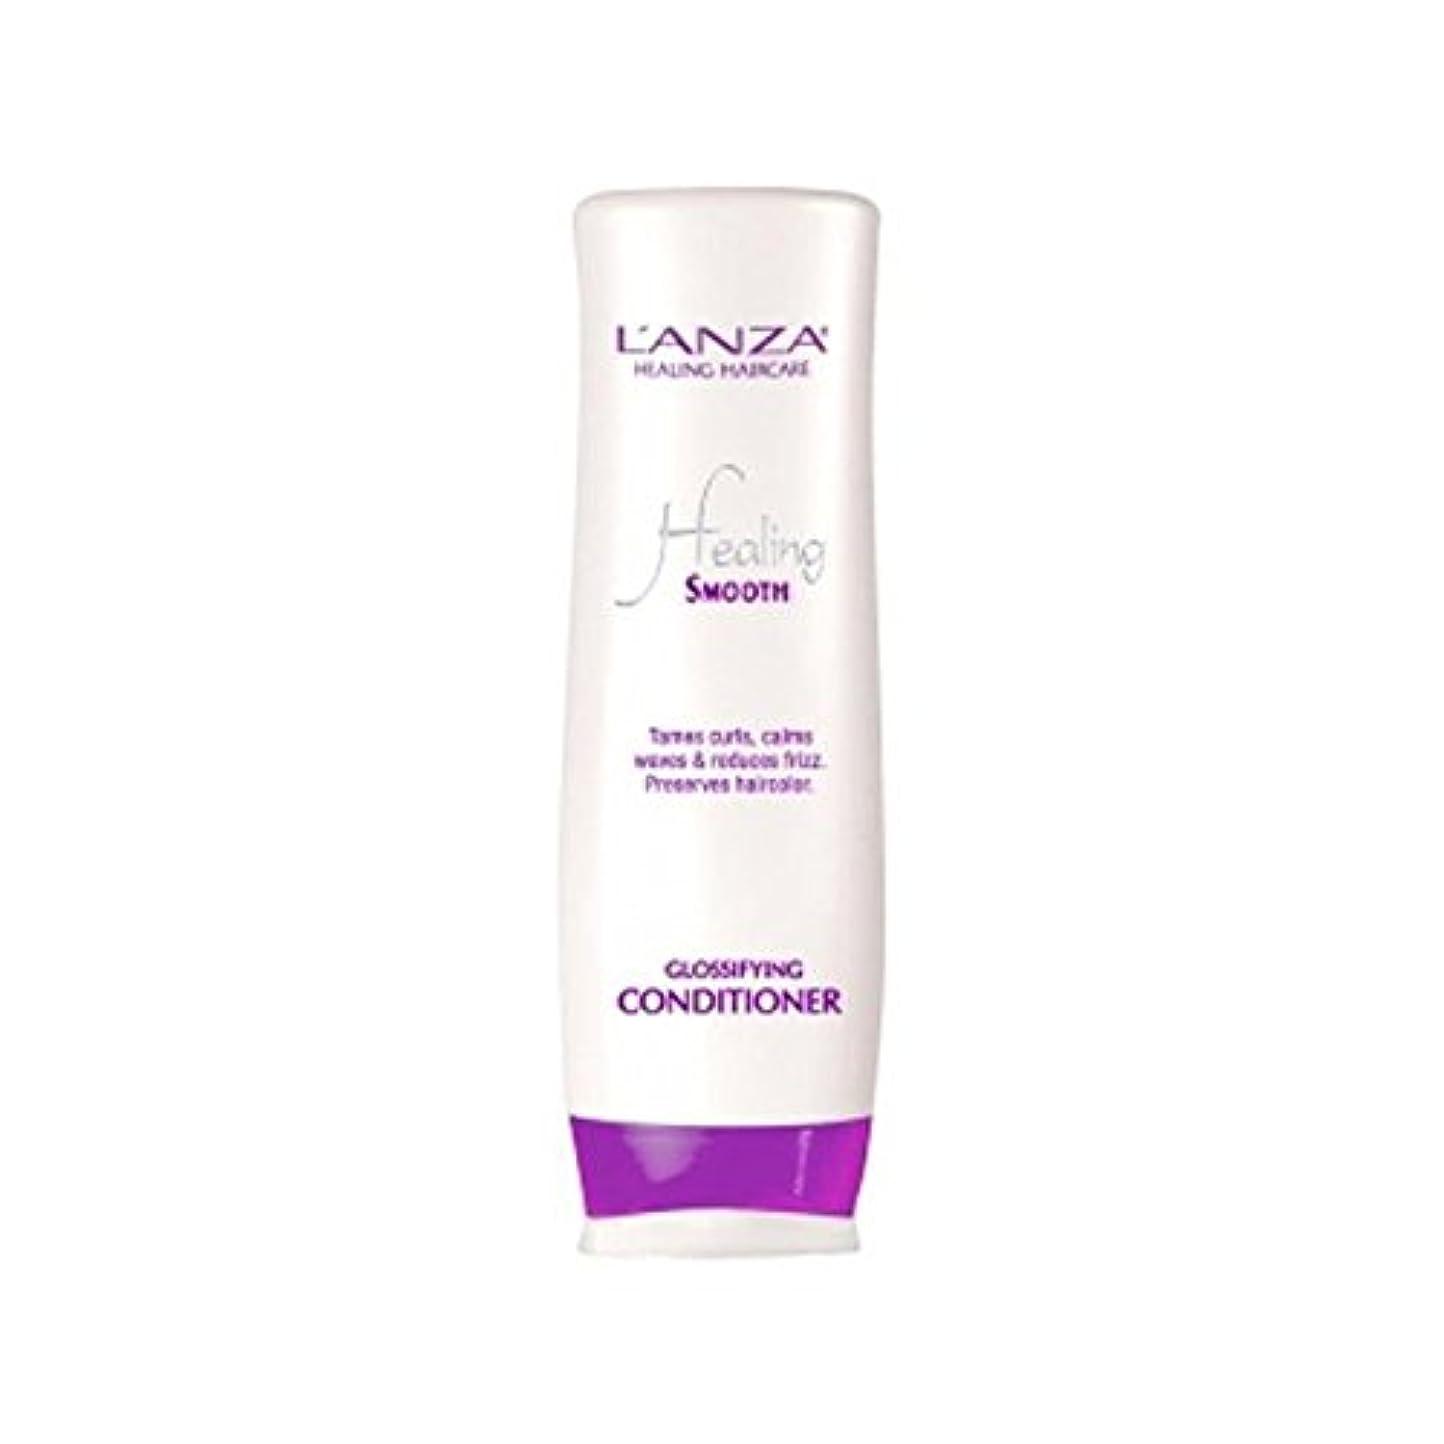 オン山岳削減L'Anza Healing Smooth Glossifying Conditioner (250ml) - スムーズなコンディショナーを癒し'アンザ(250ミリリットル) [並行輸入品]